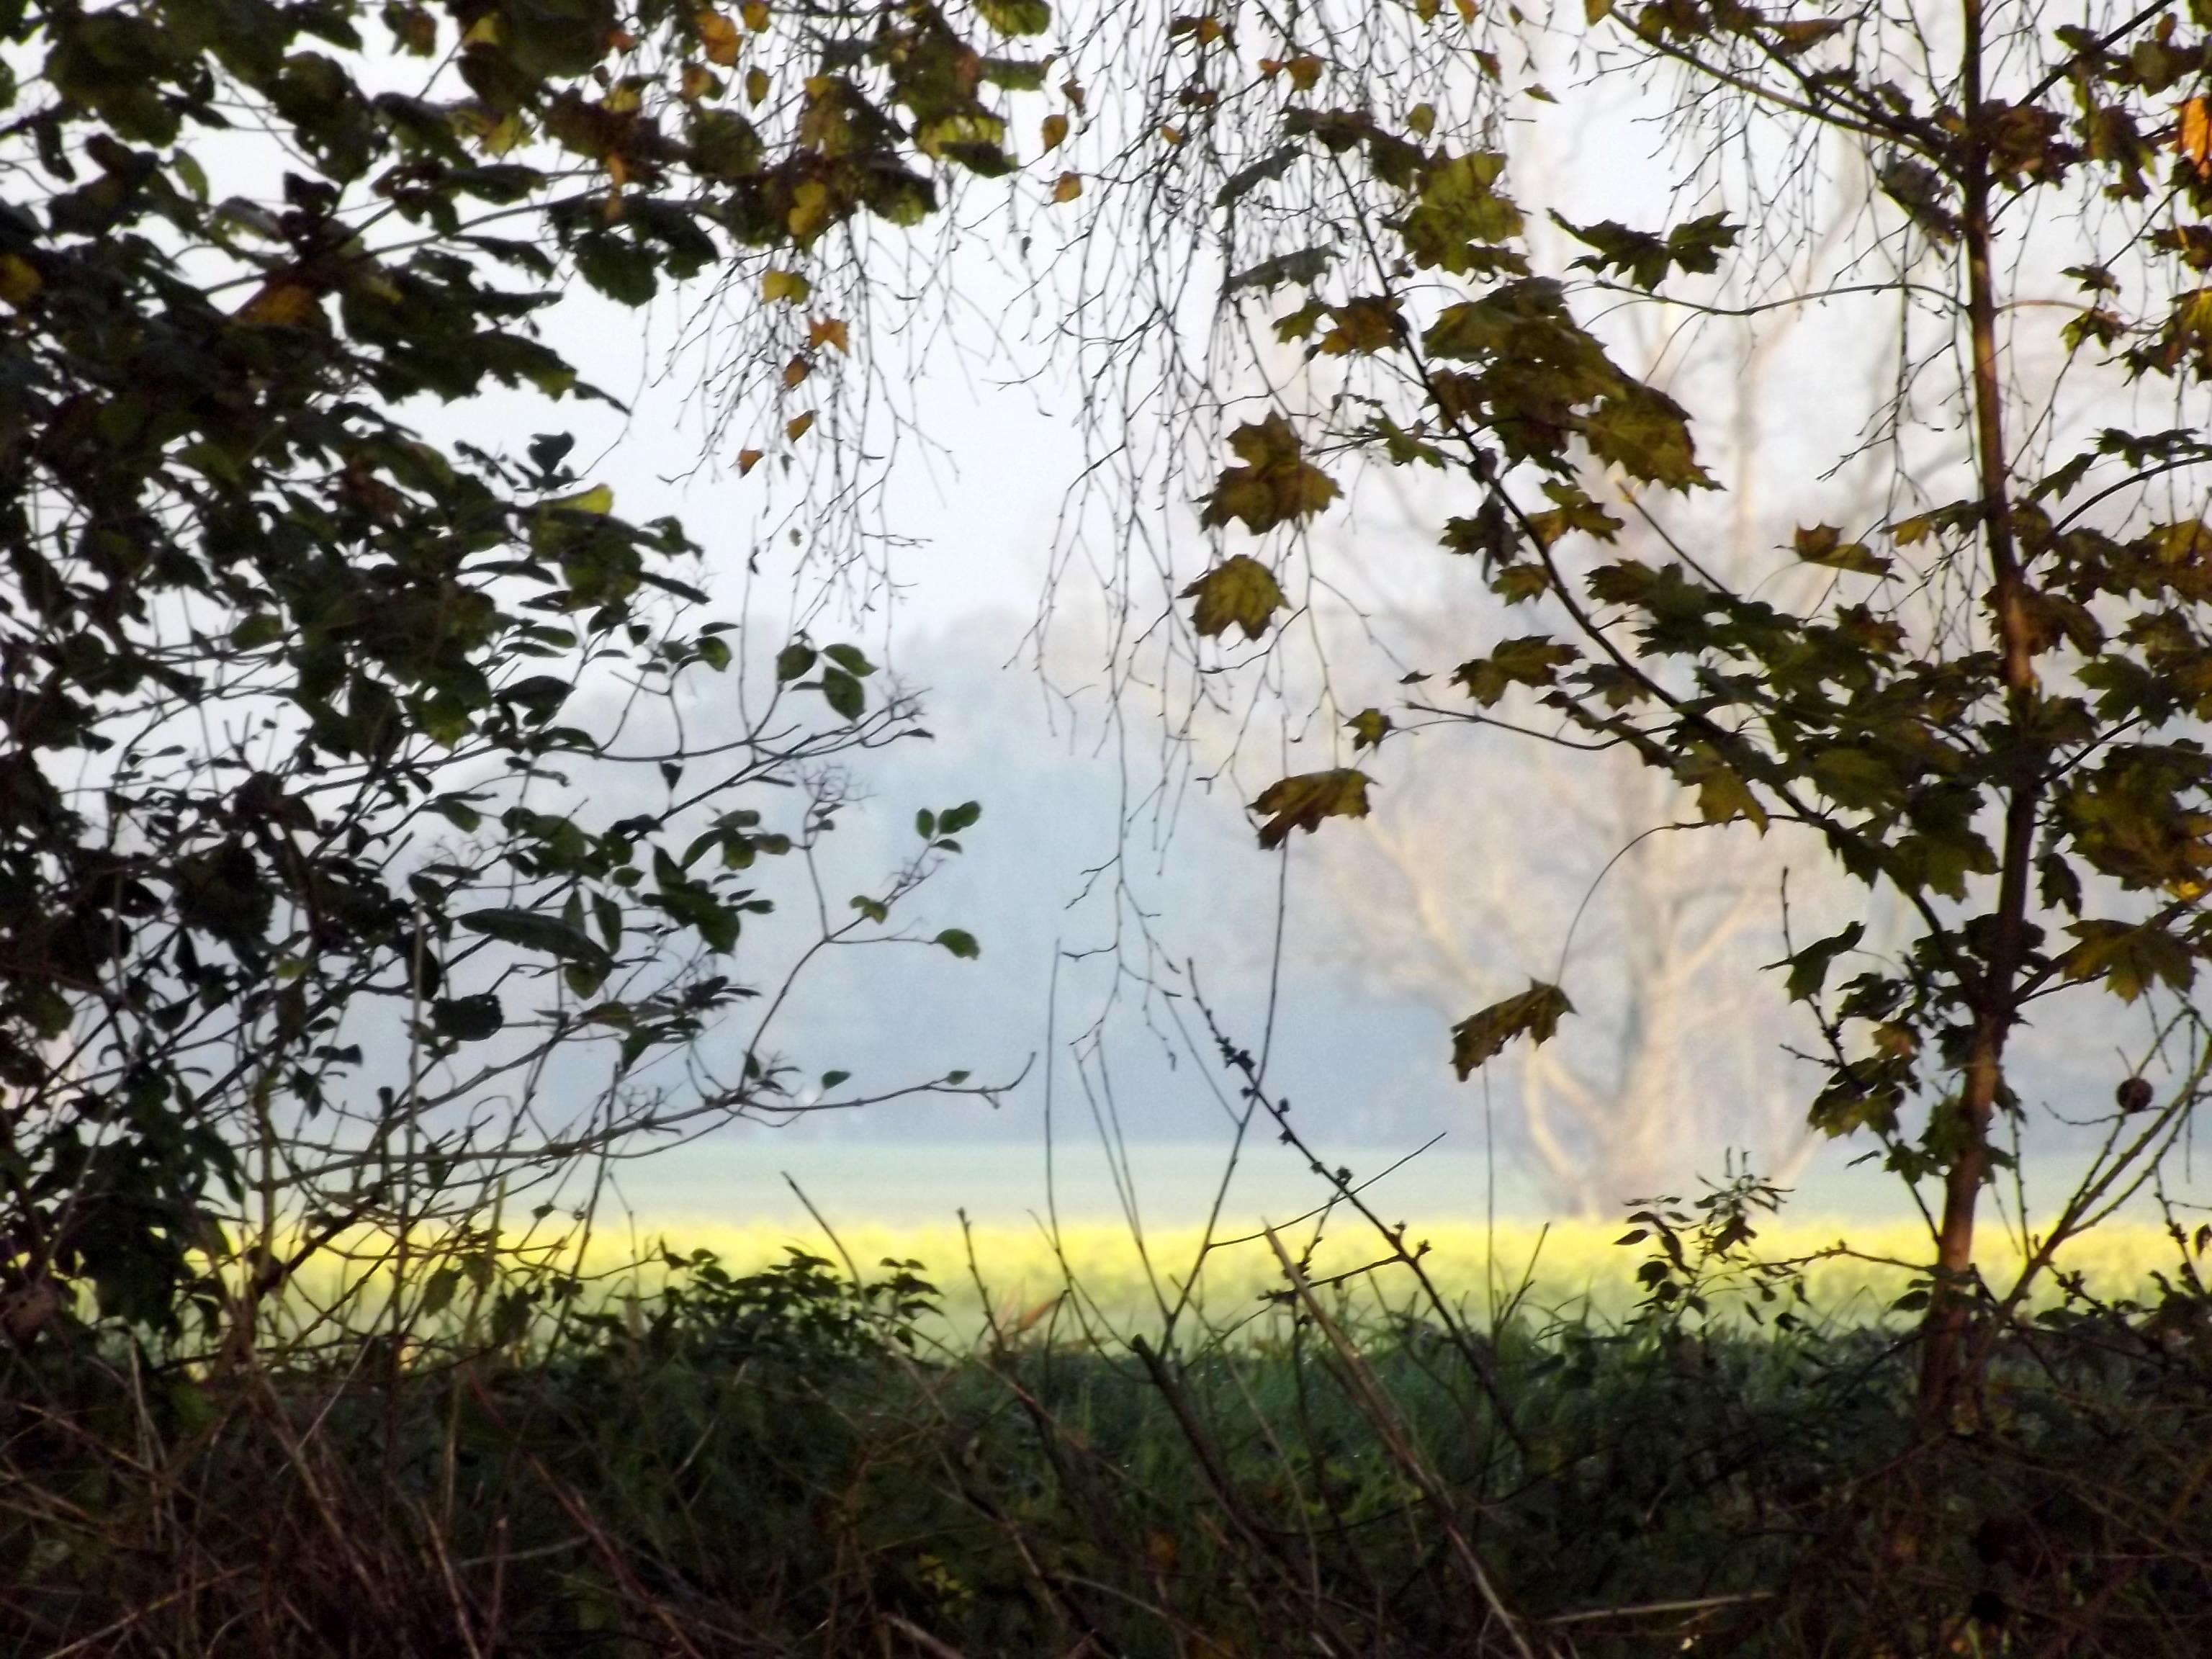 6601-ausblick-aus-dem-wald